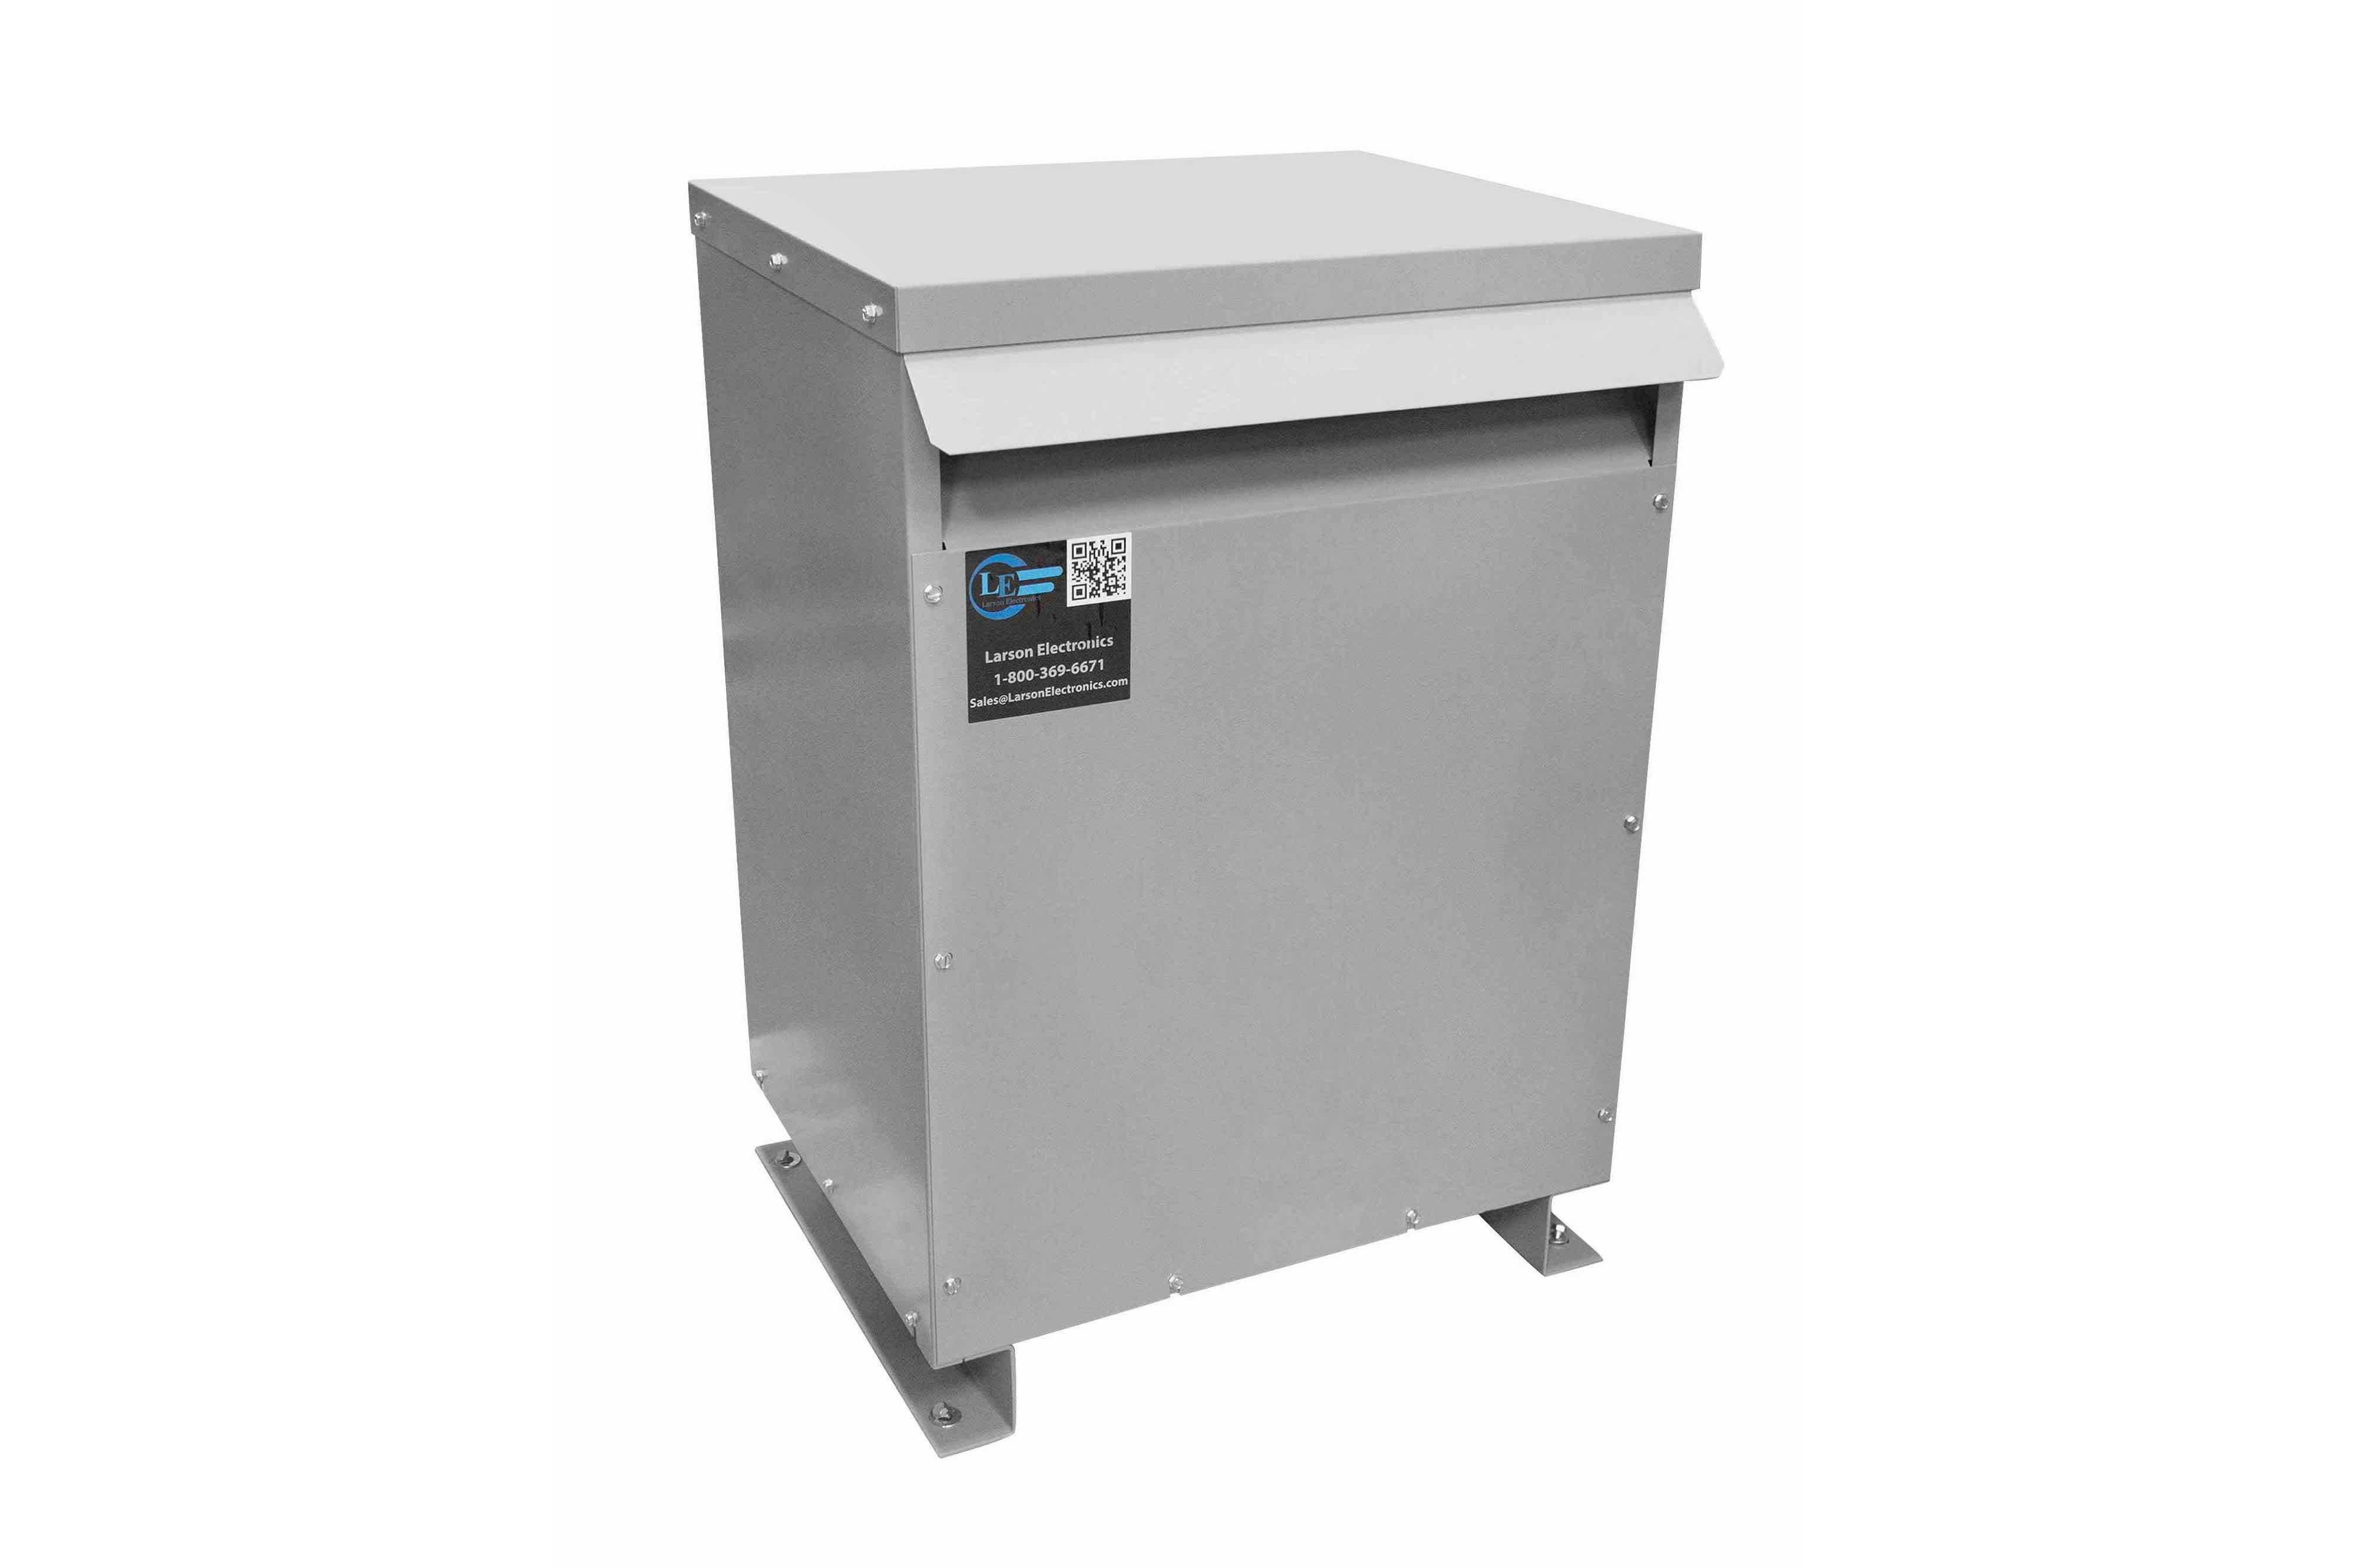 800 kVA 3PH Isolation Transformer, 460V Delta Primary, 400V Delta Secondary, N3R, Ventilated, 60 Hz